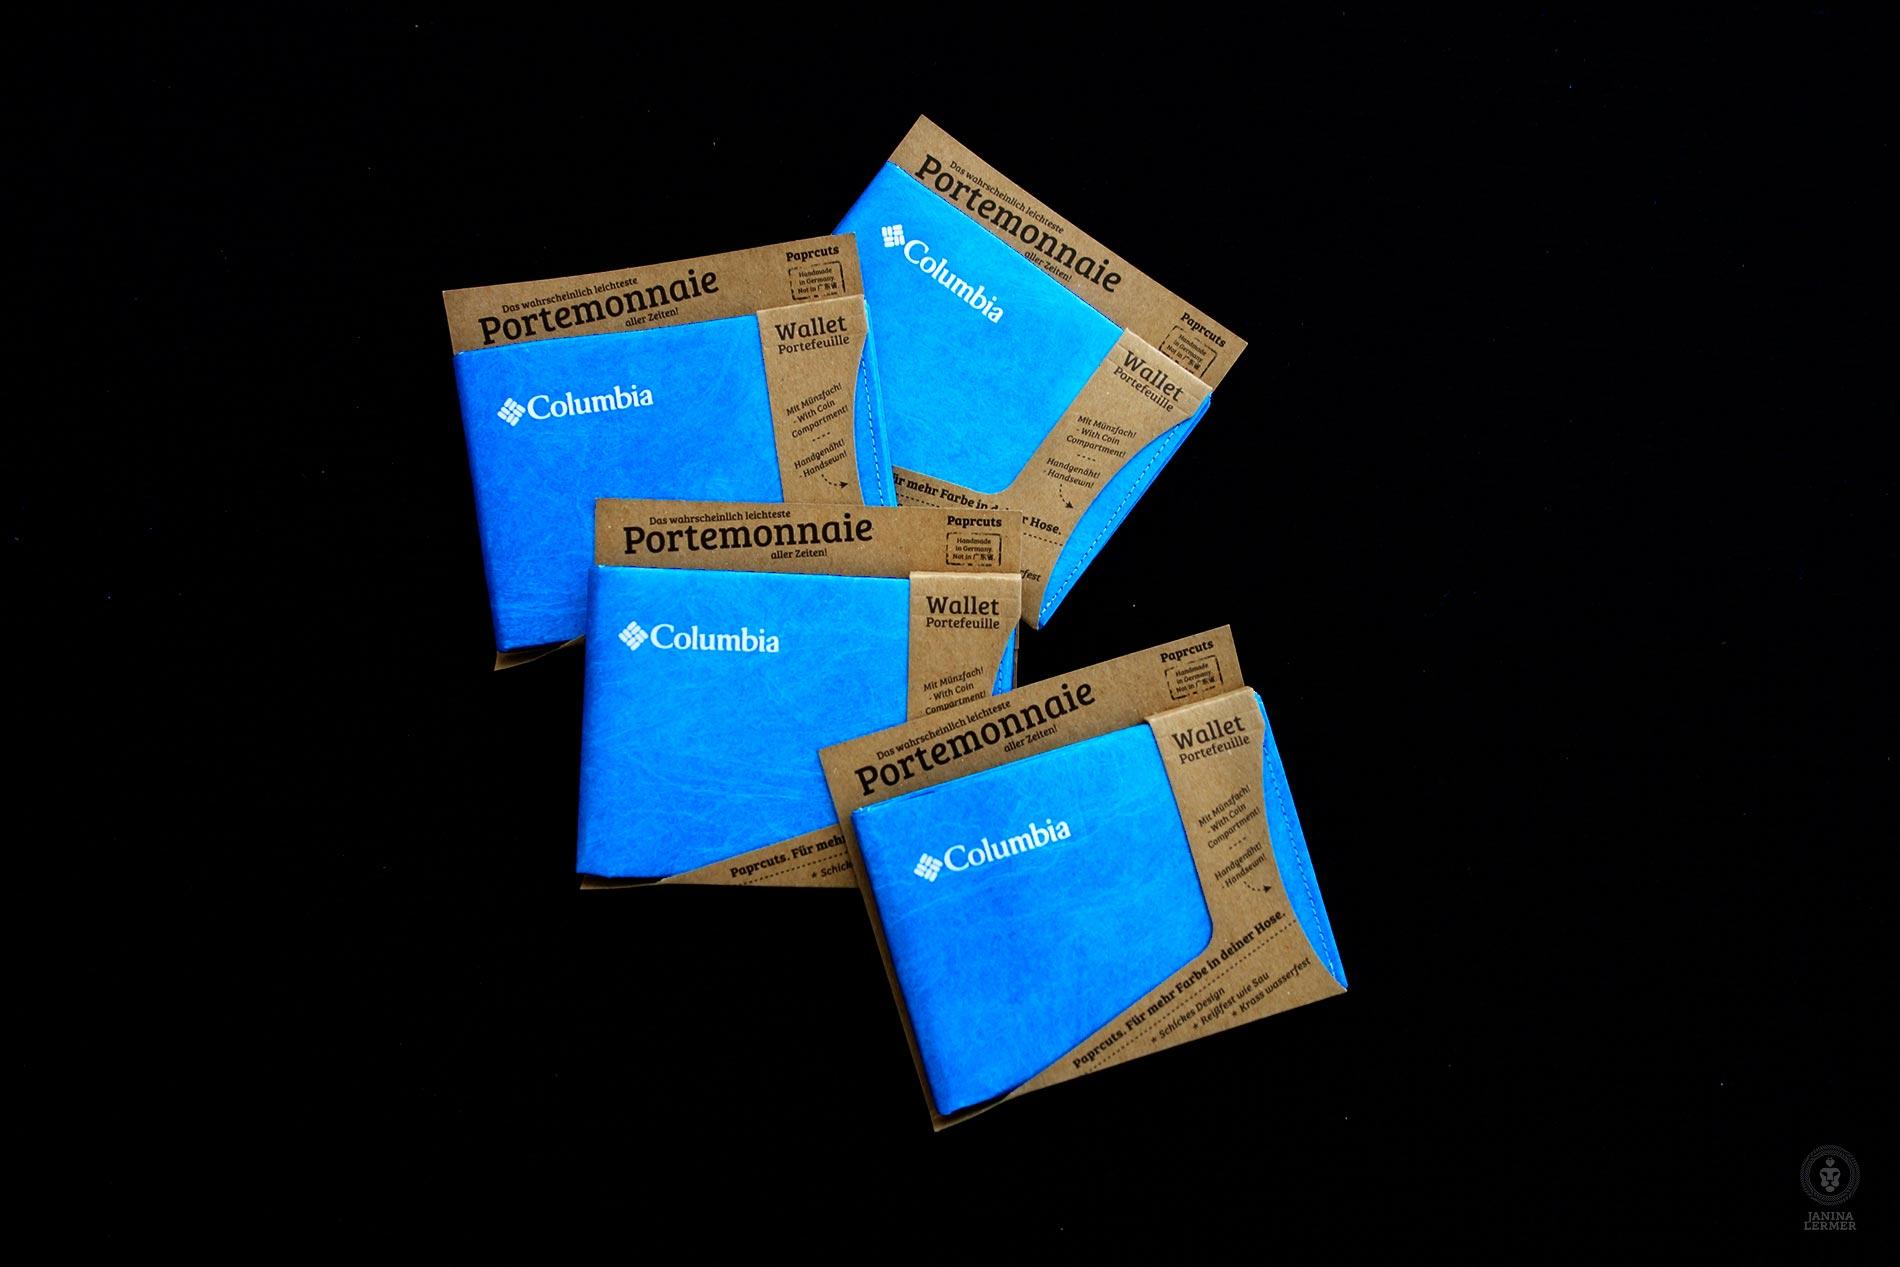 Janina-Lermer-Verpackung-Packaging-Geldbeutel-Wallet-Paprcuts-Columbia